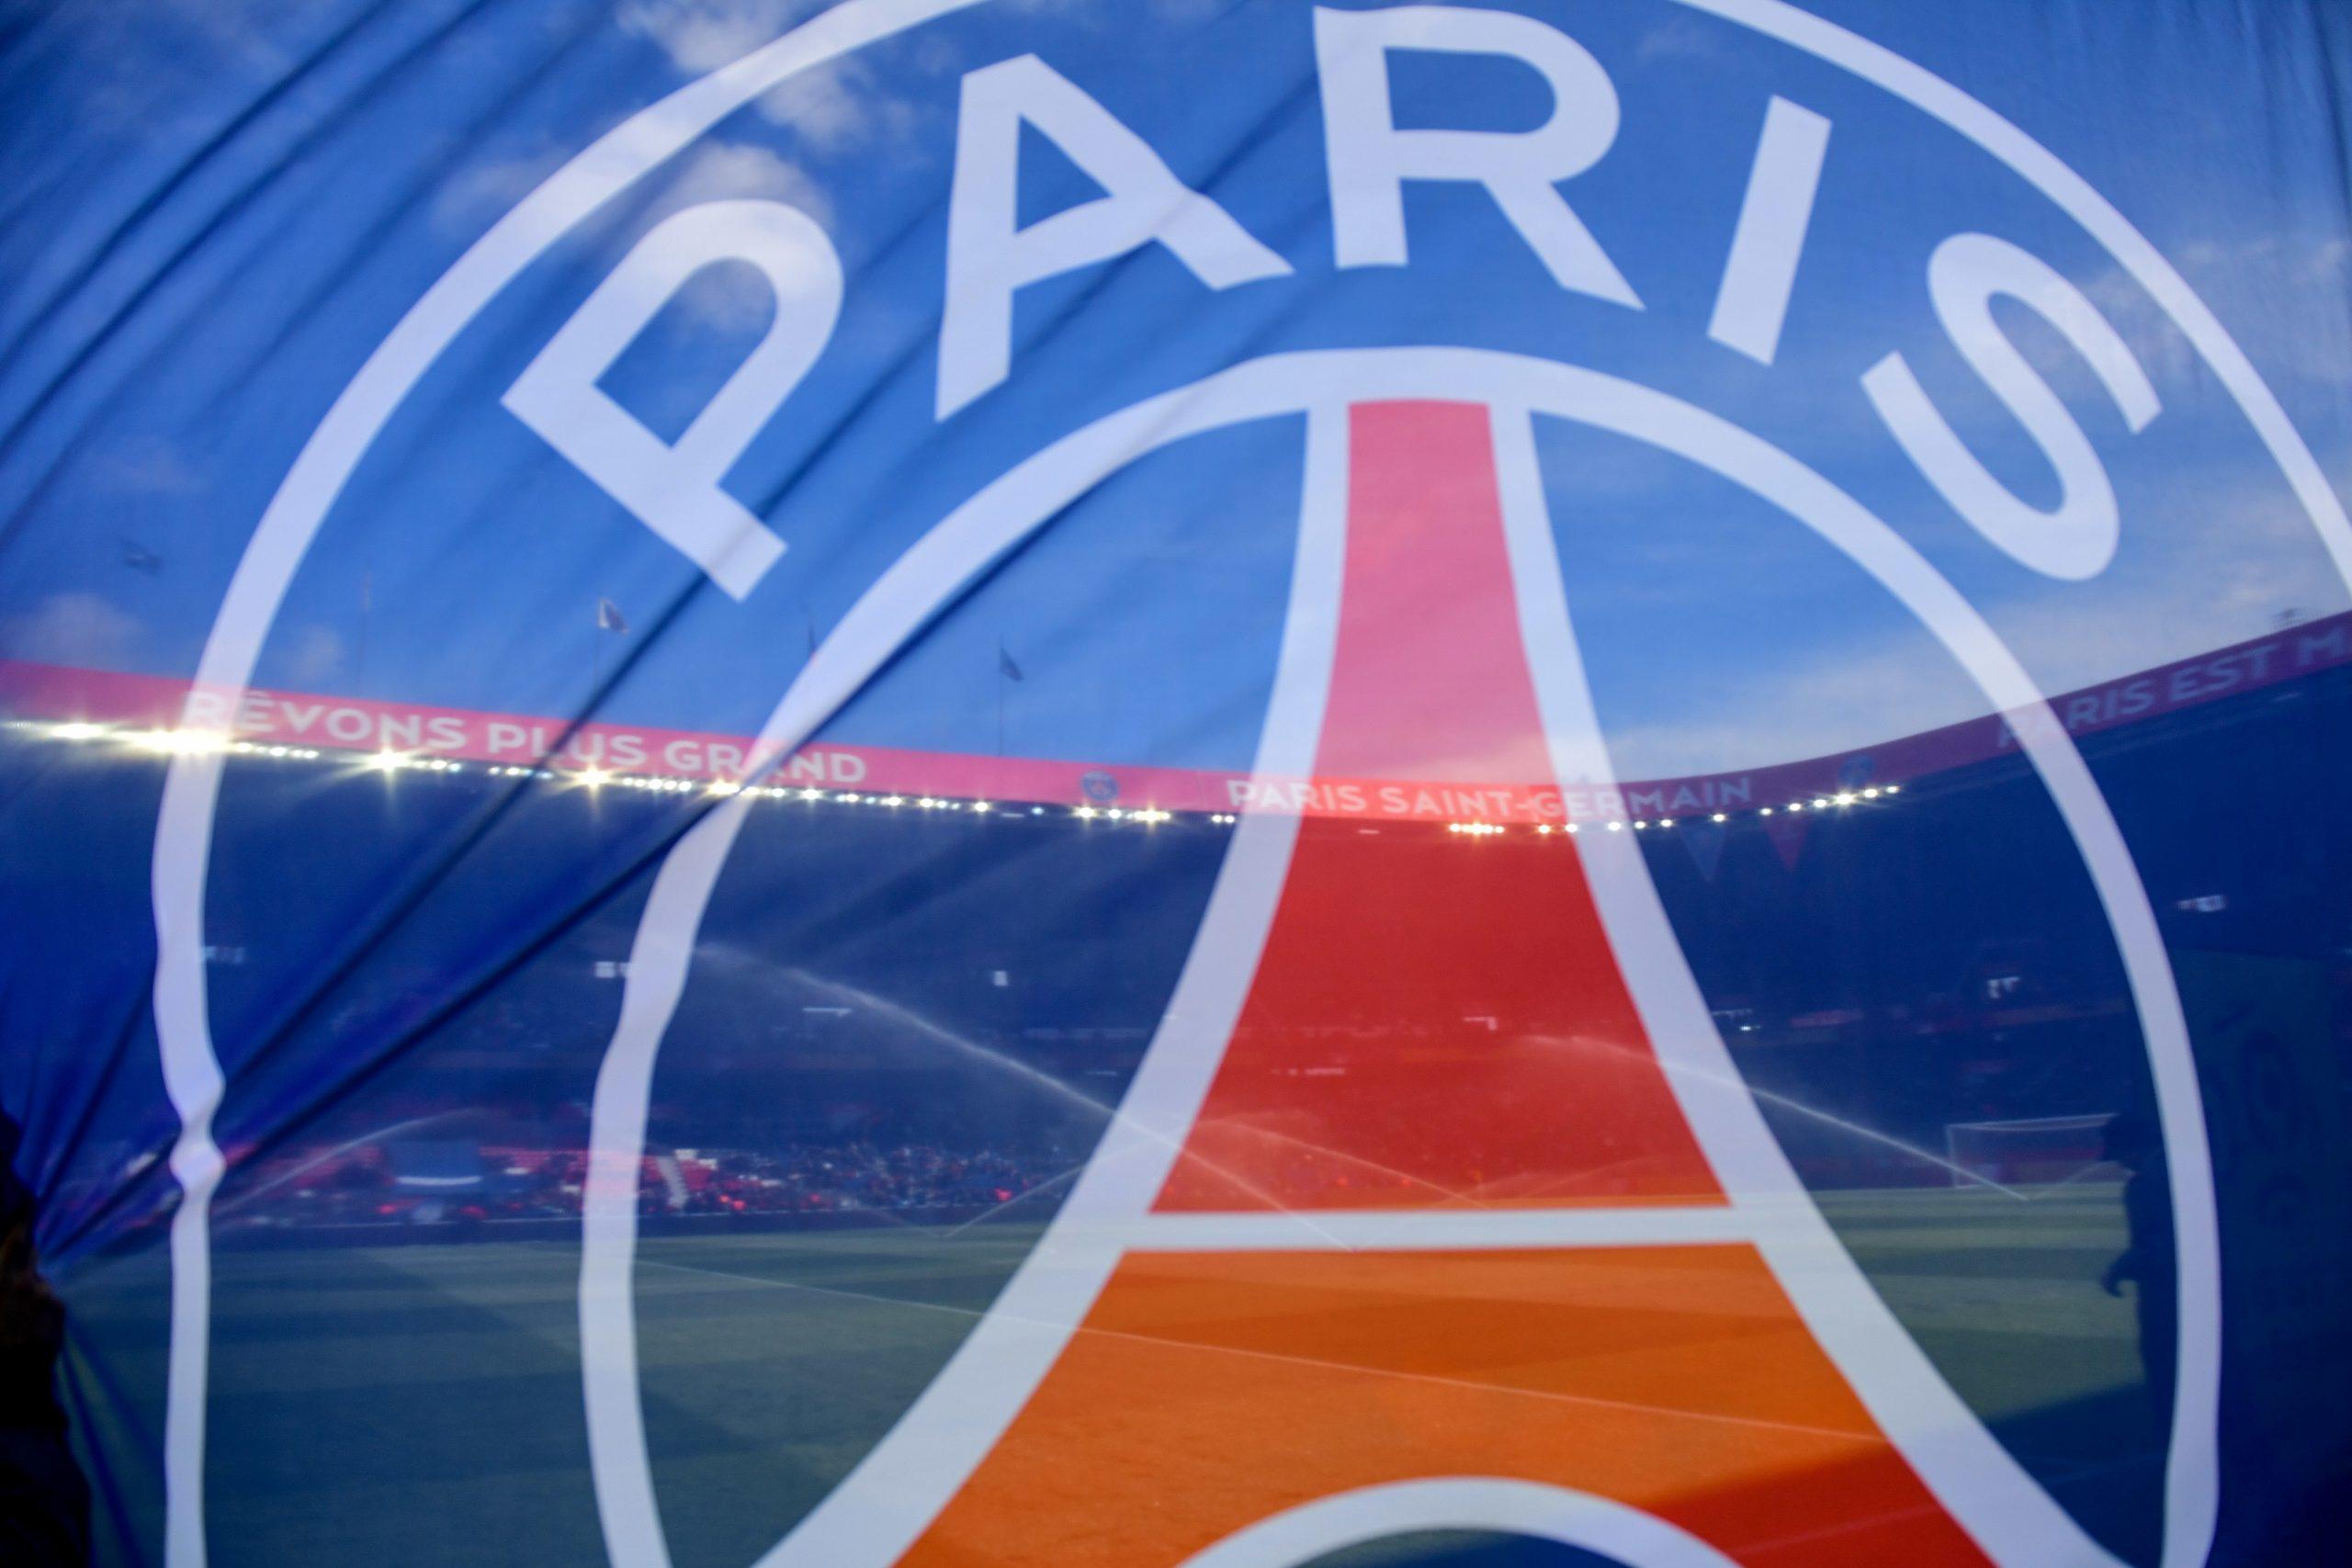 Officiel - La liste de joueurs du centre de formation du PSG qui sont libérés